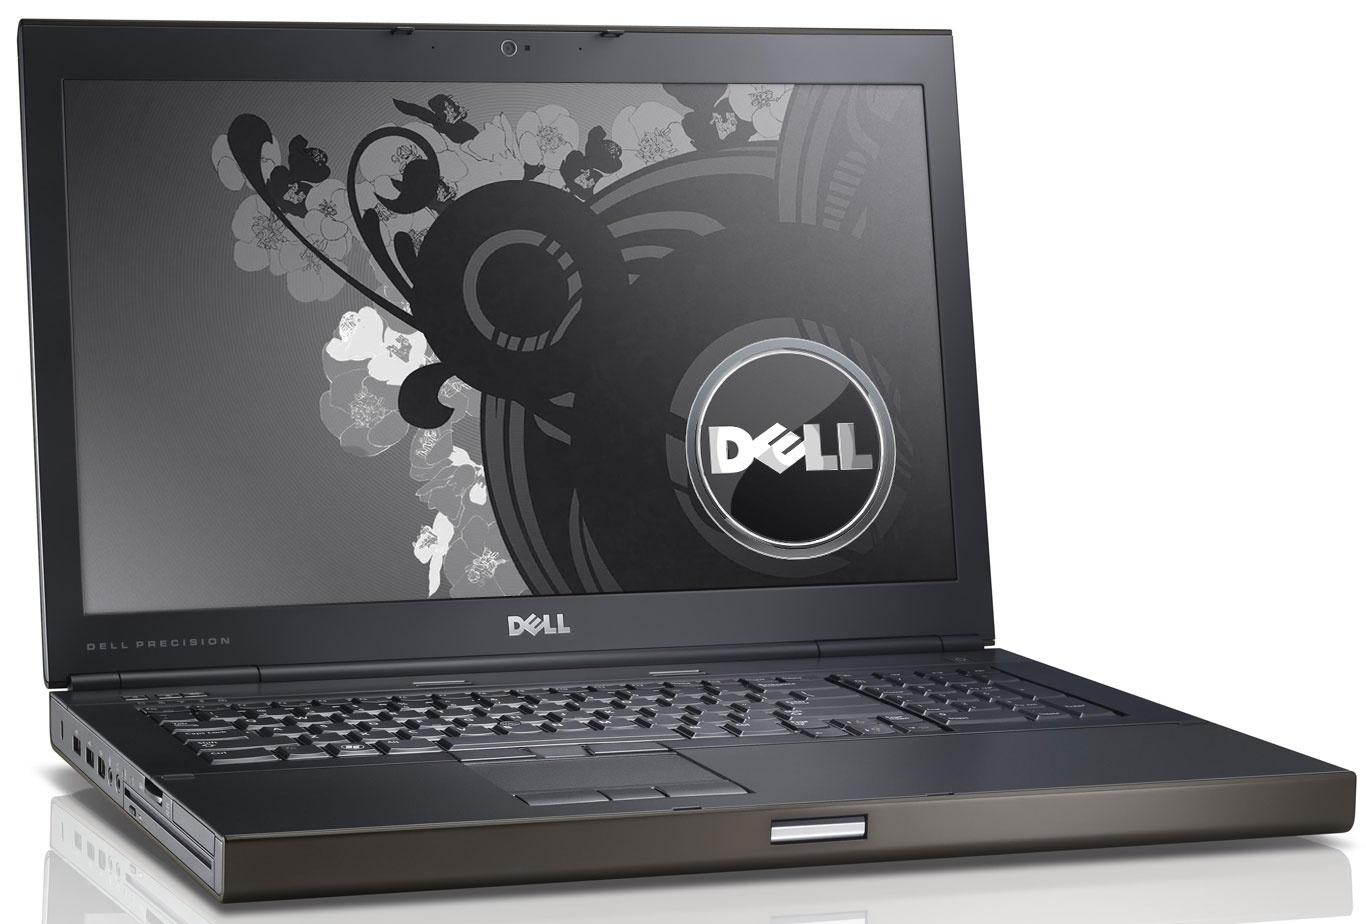 Dell Precision M4600 WIN10